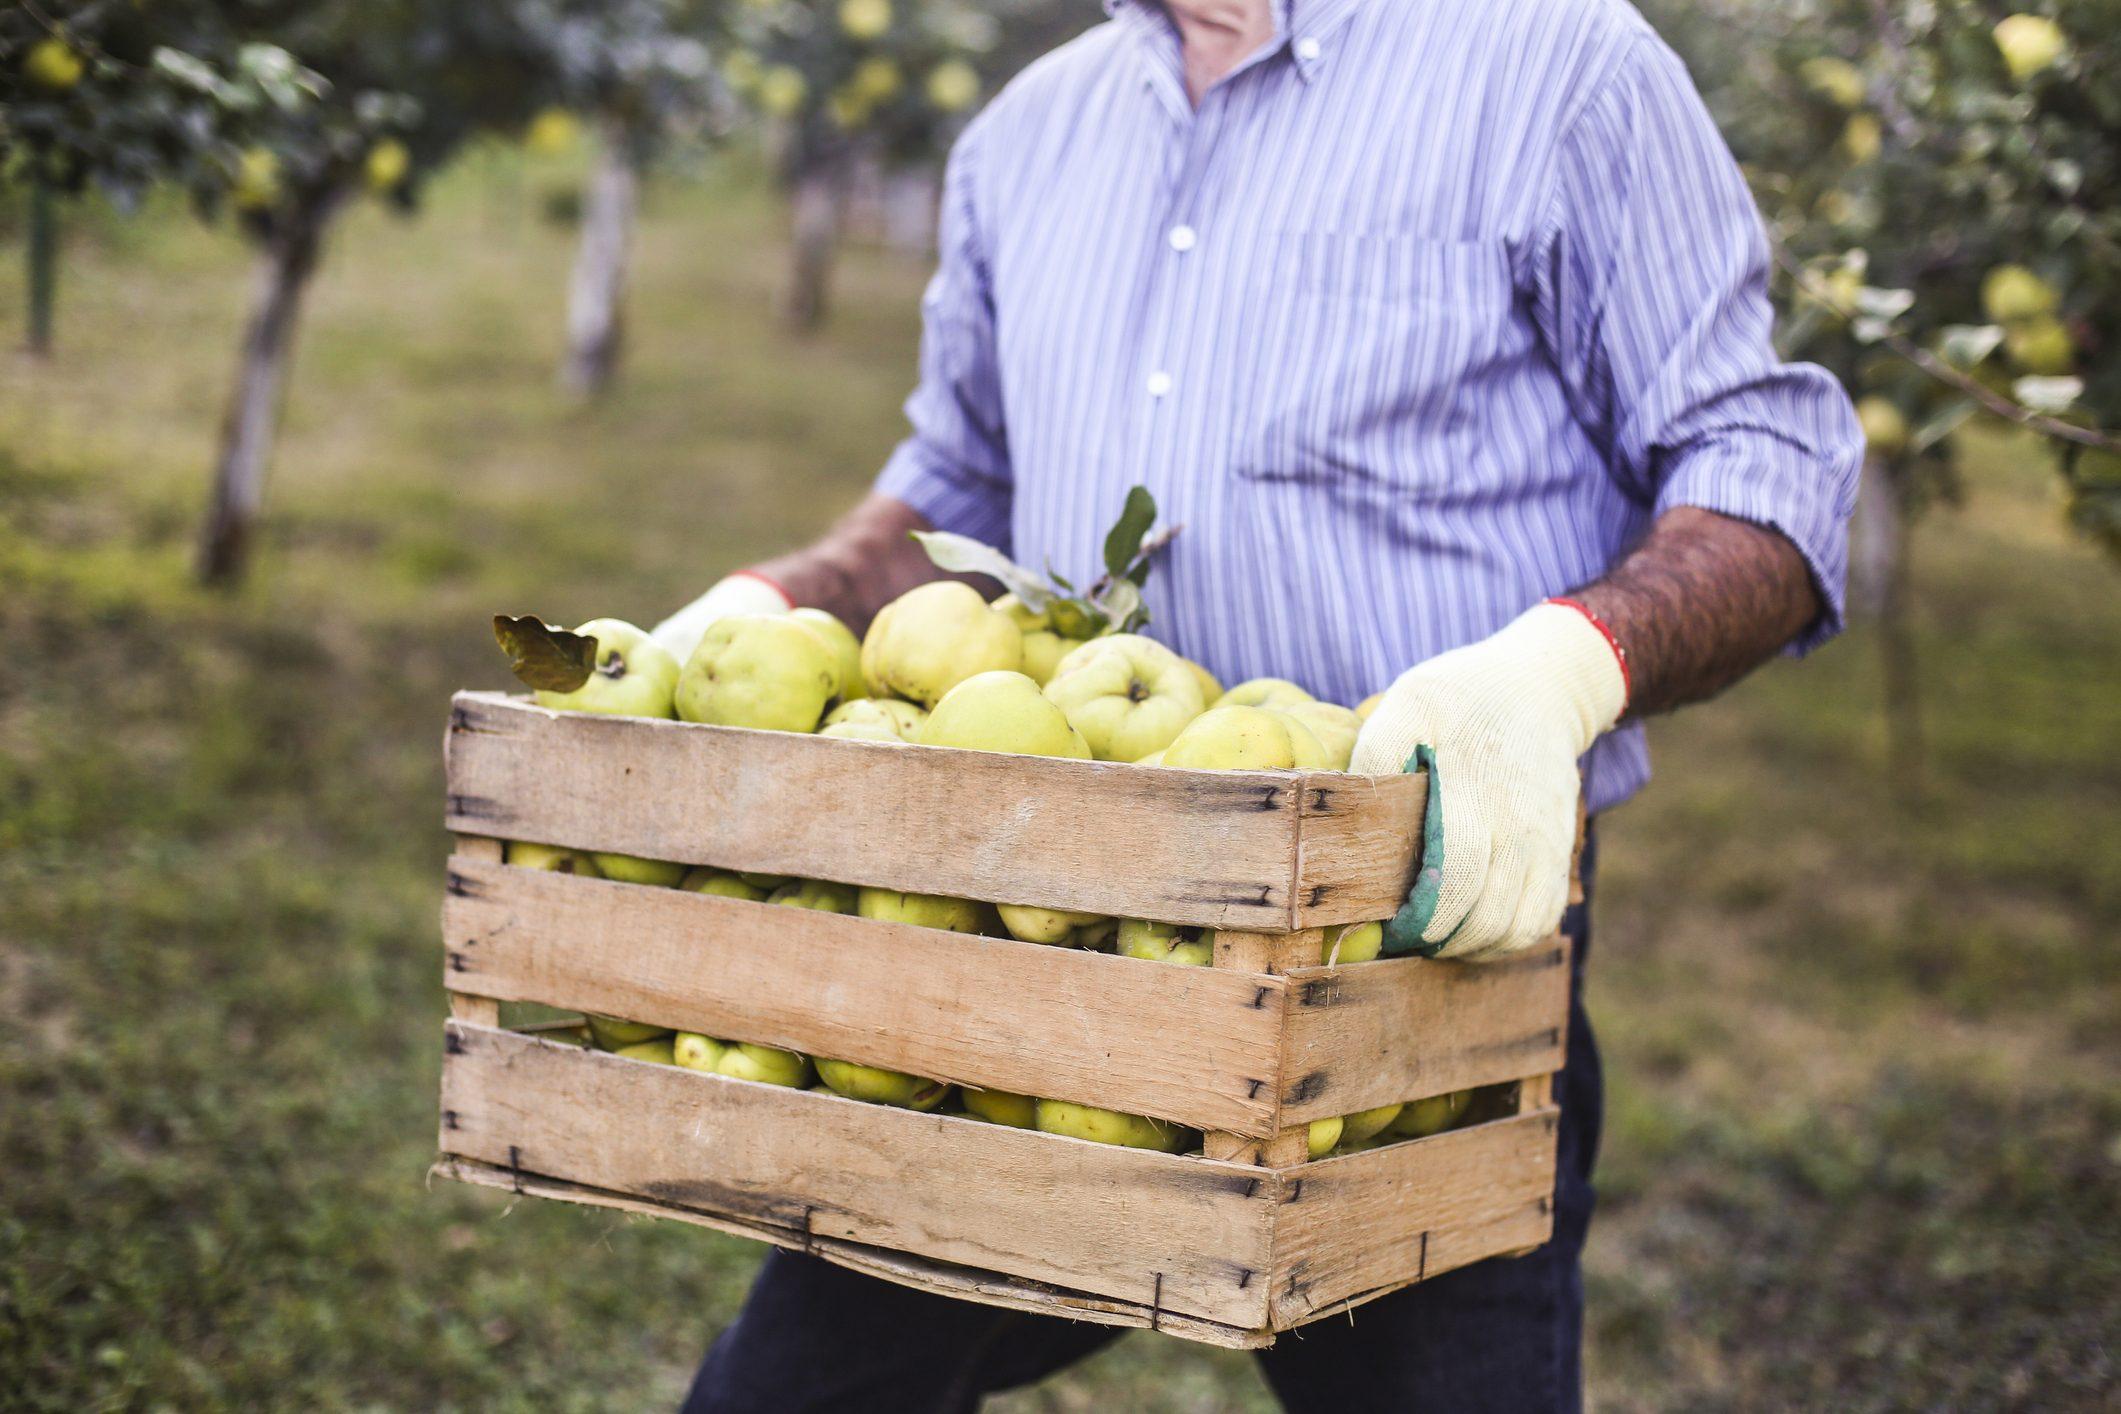 Frutta gratis in cambio dei mozziconi di sigaretta: l'iniziativa a Ravenna